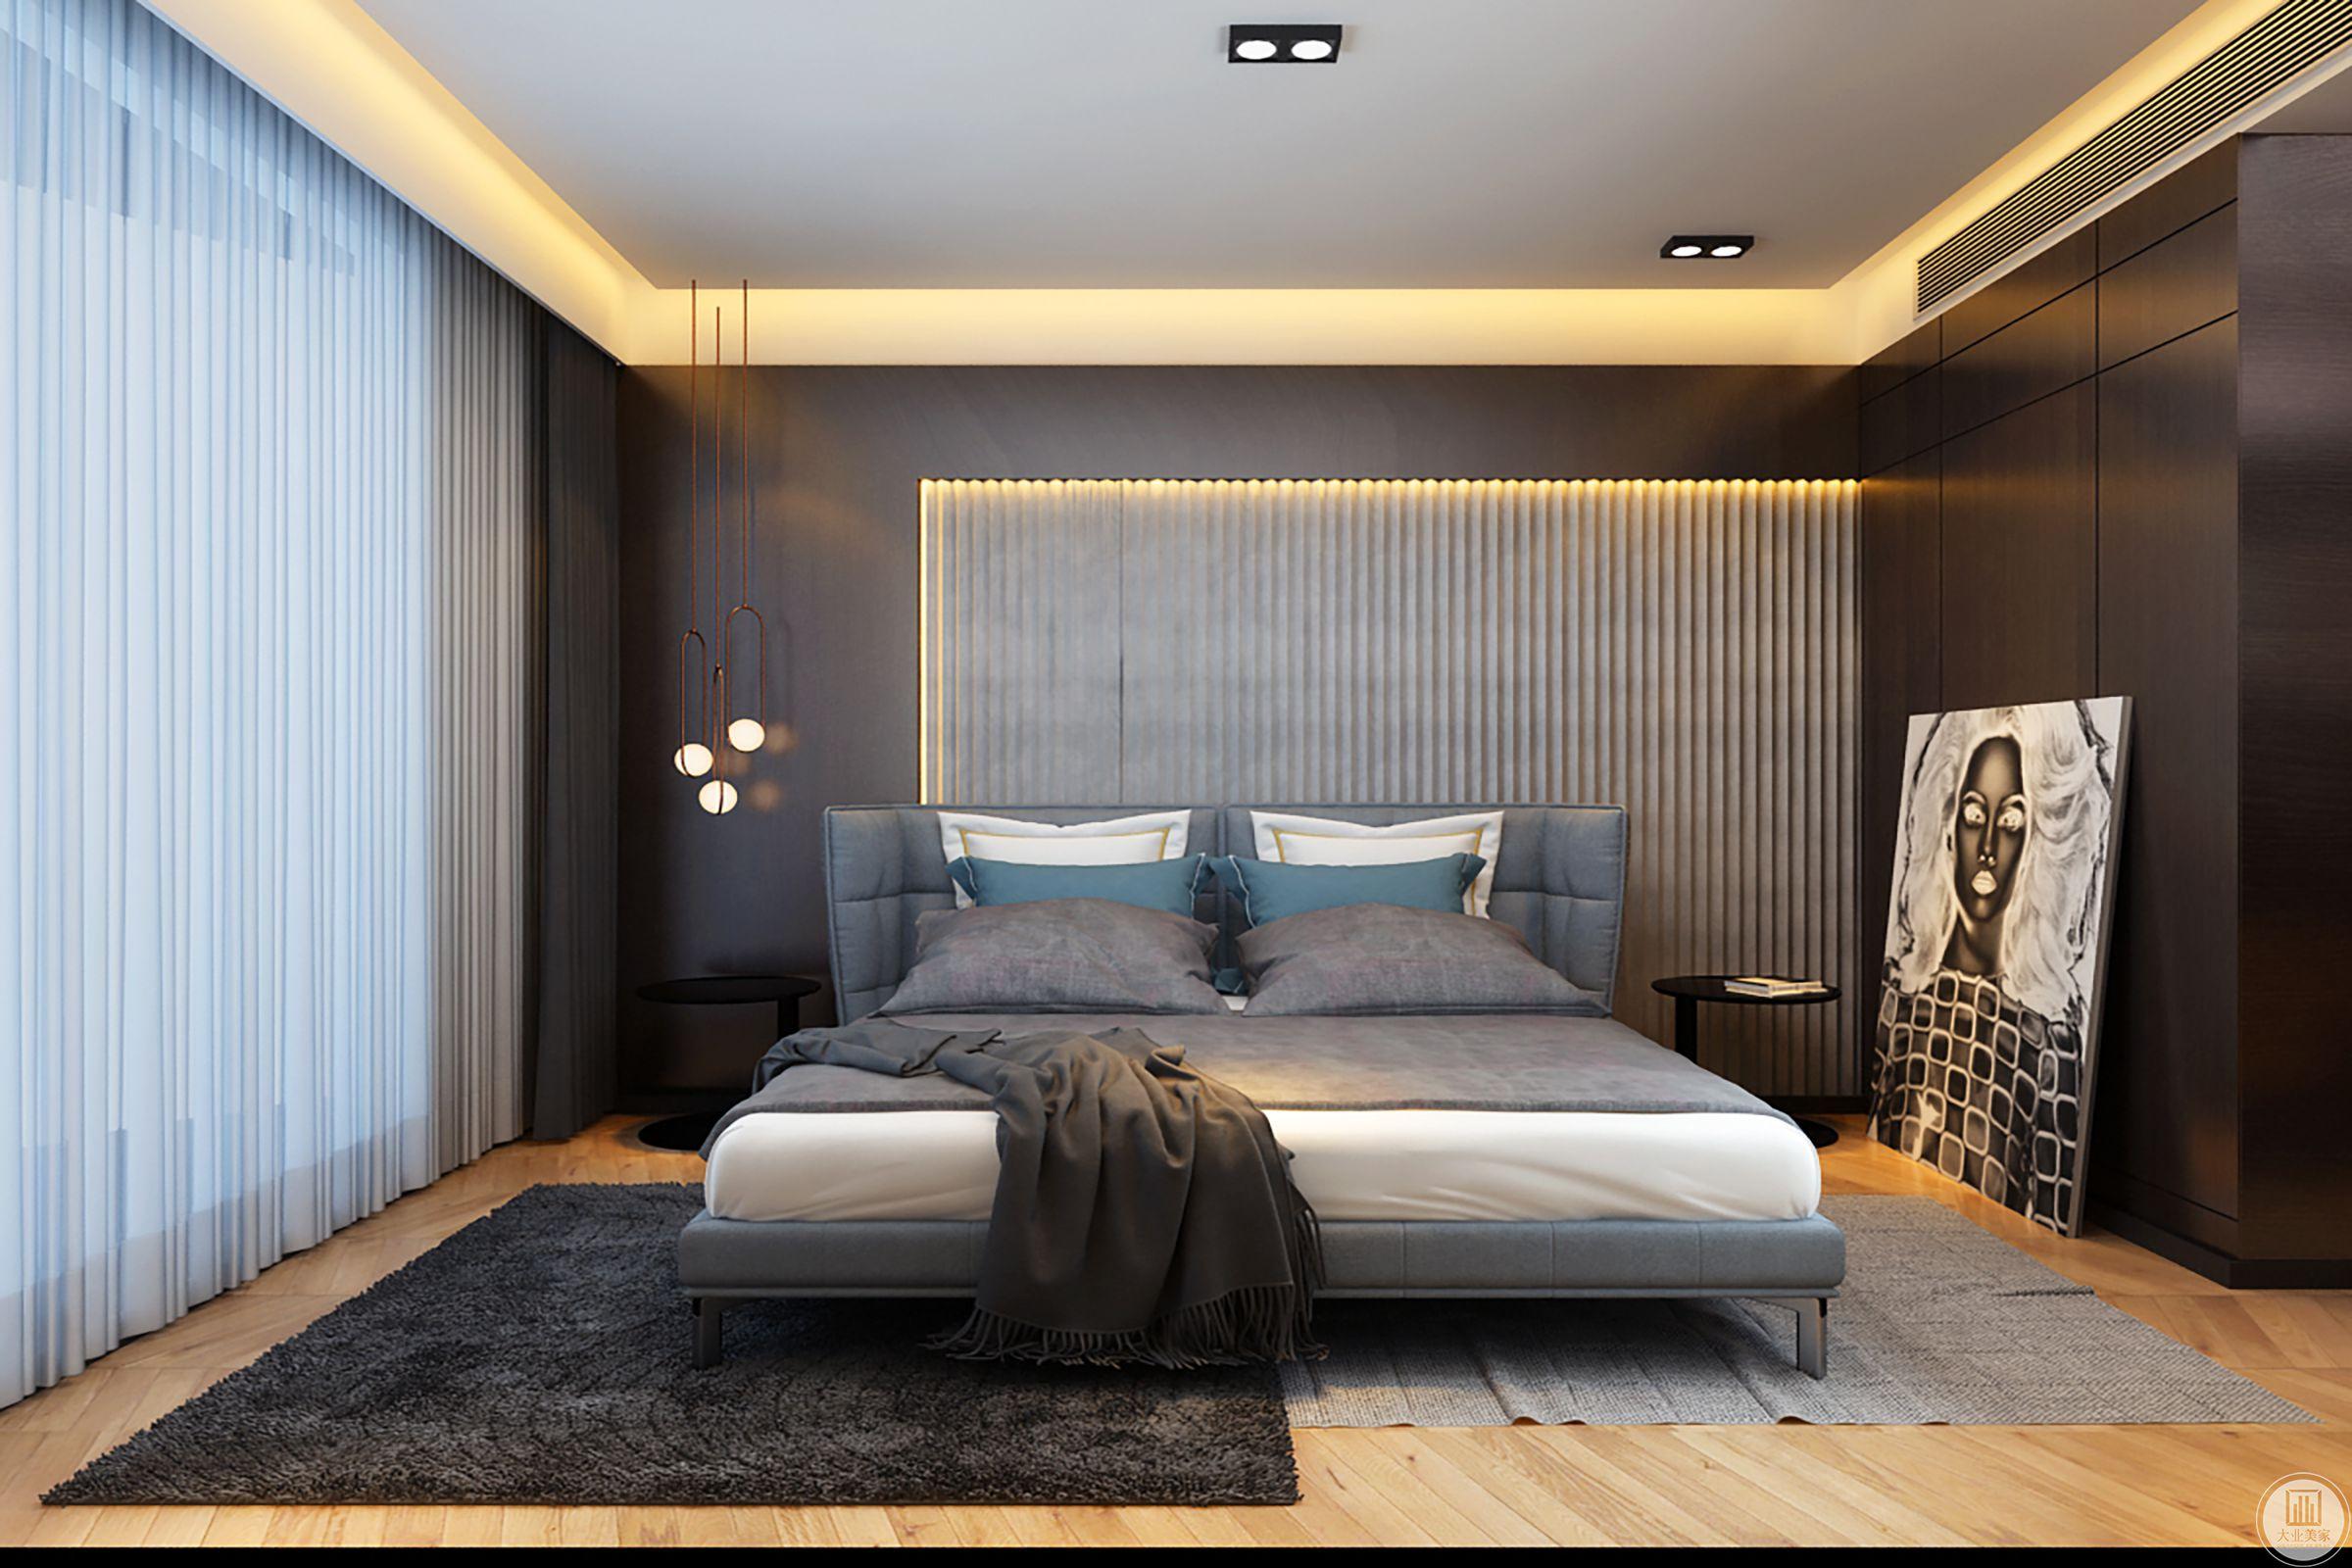 主卧室,精心打造了一间舒适的套房空间。大胆使用了一整面黑色硬包,与天花的白色形成对比,硬包的不规律分割严谨对齐天花缝隙,是设计细节的考量,也是精致生活方式的一种呈现。